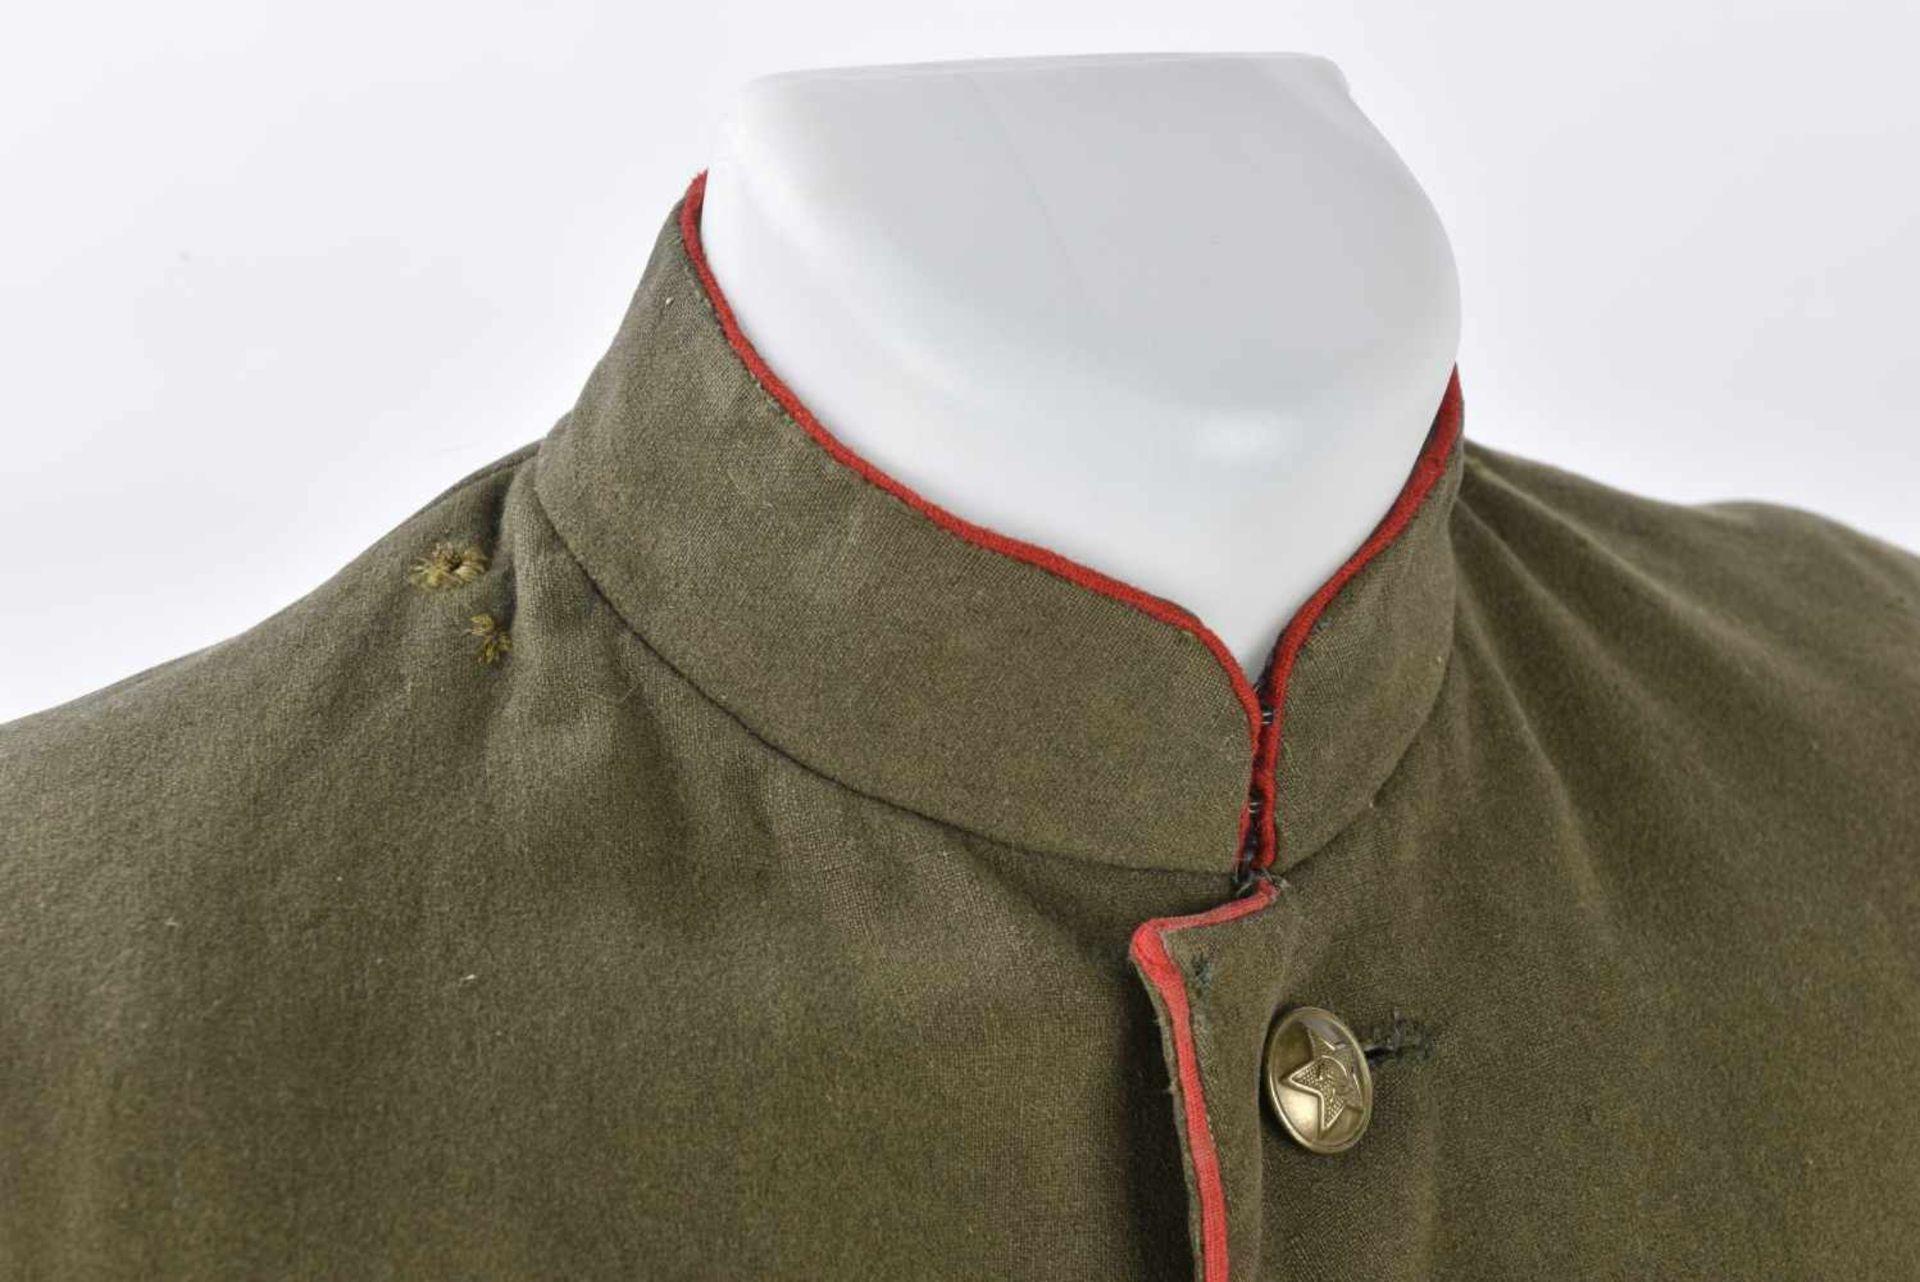 Ensemble comprenant veste Mundir d'un soldat de l'artillerie ou des blindés. Passepoil rouge et - Bild 2 aus 4